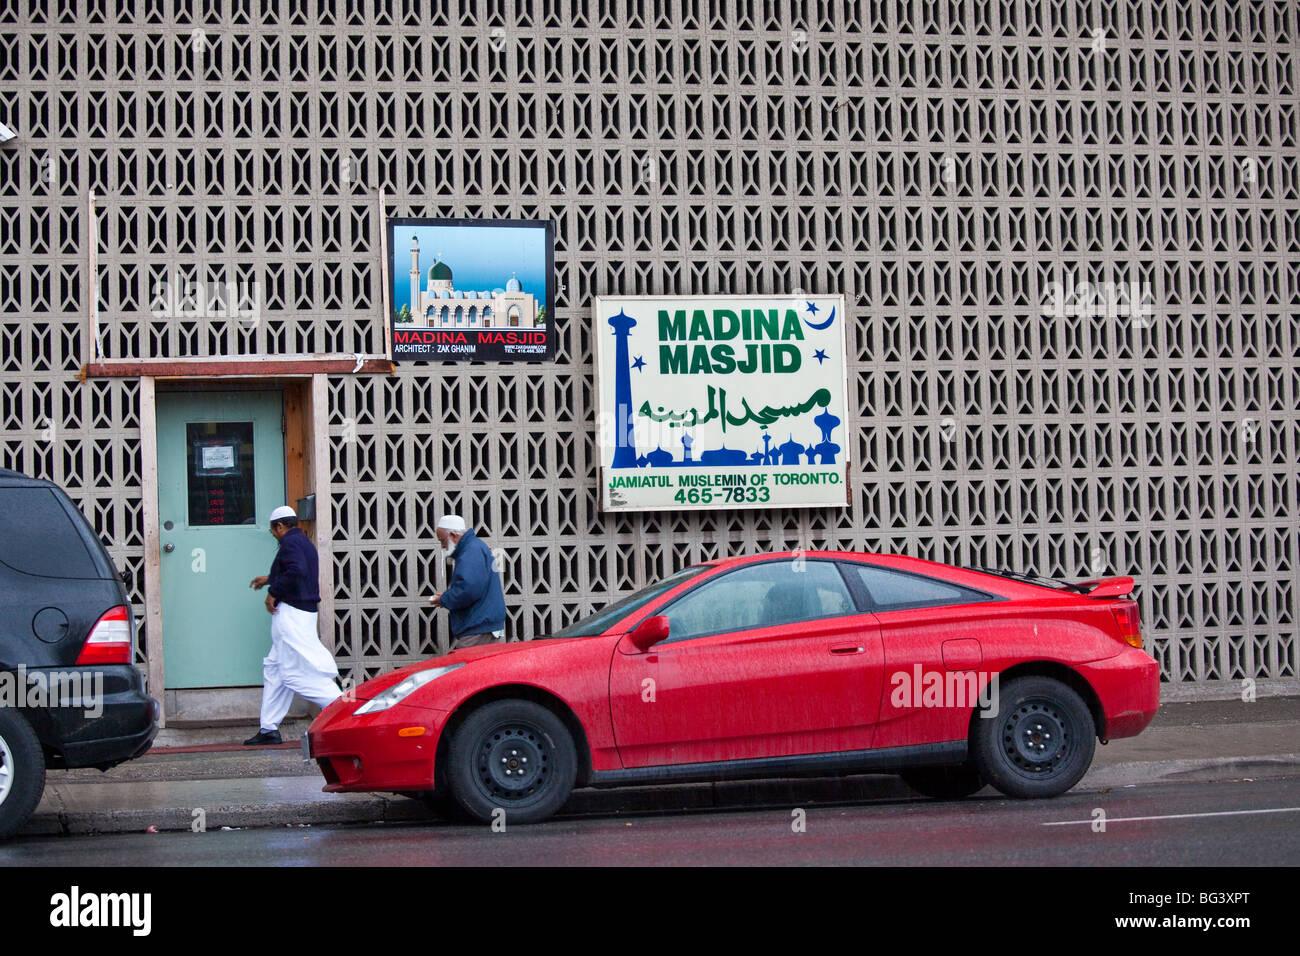 Madina Masjid in Toronto Canada - Stock Image